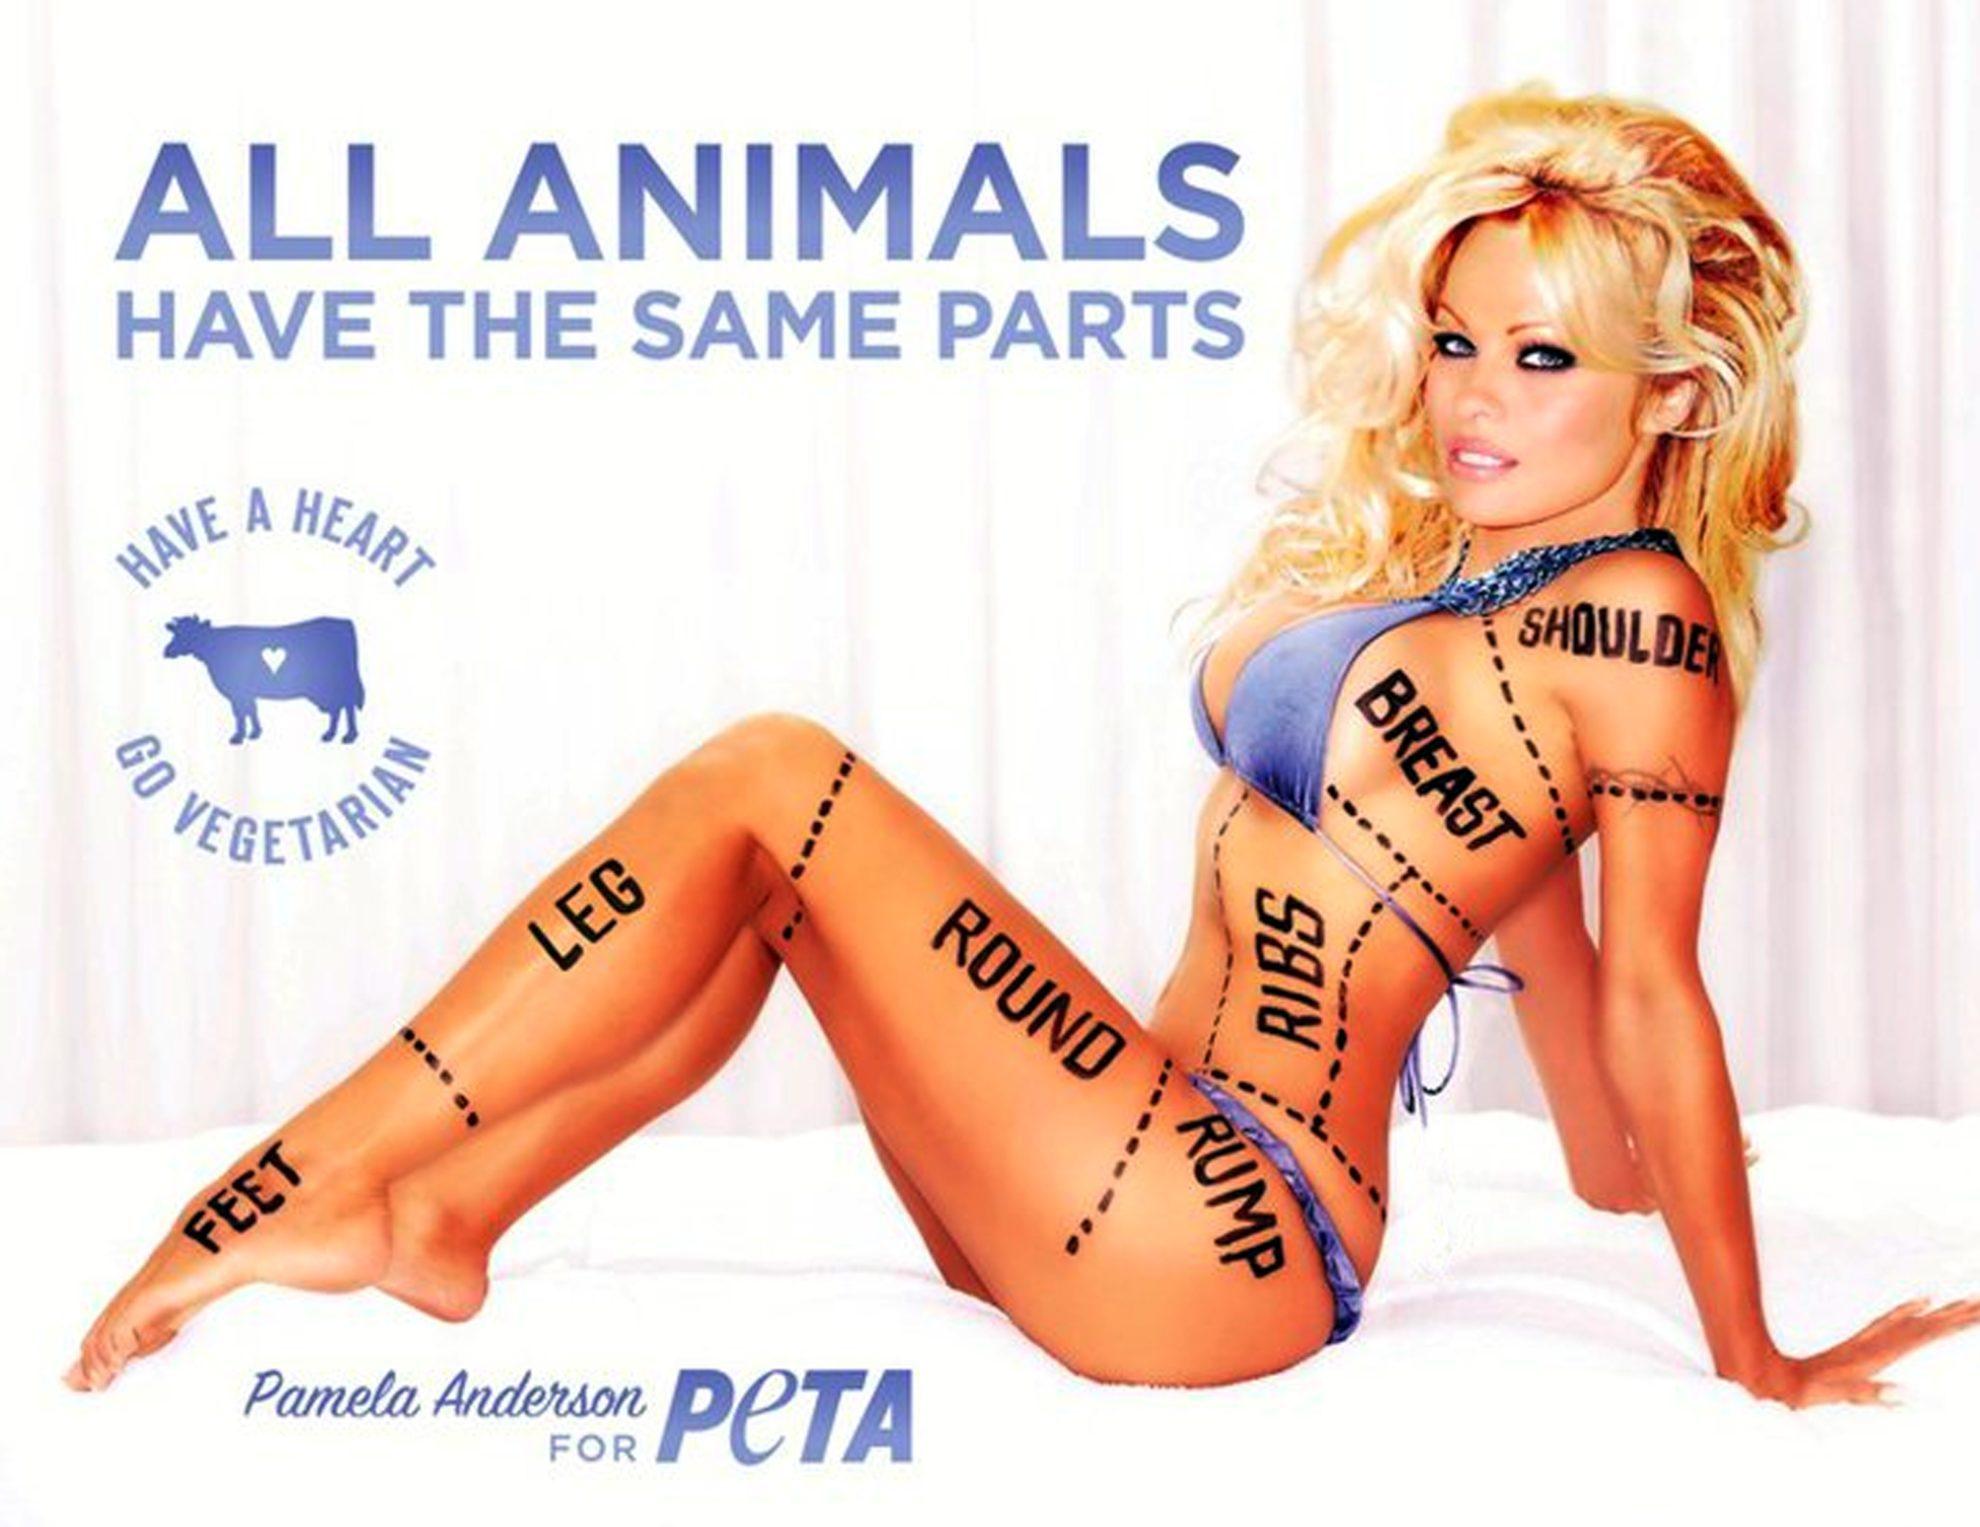 Памела Андерсон выступает за защиту животных всеми доступными ей способами.